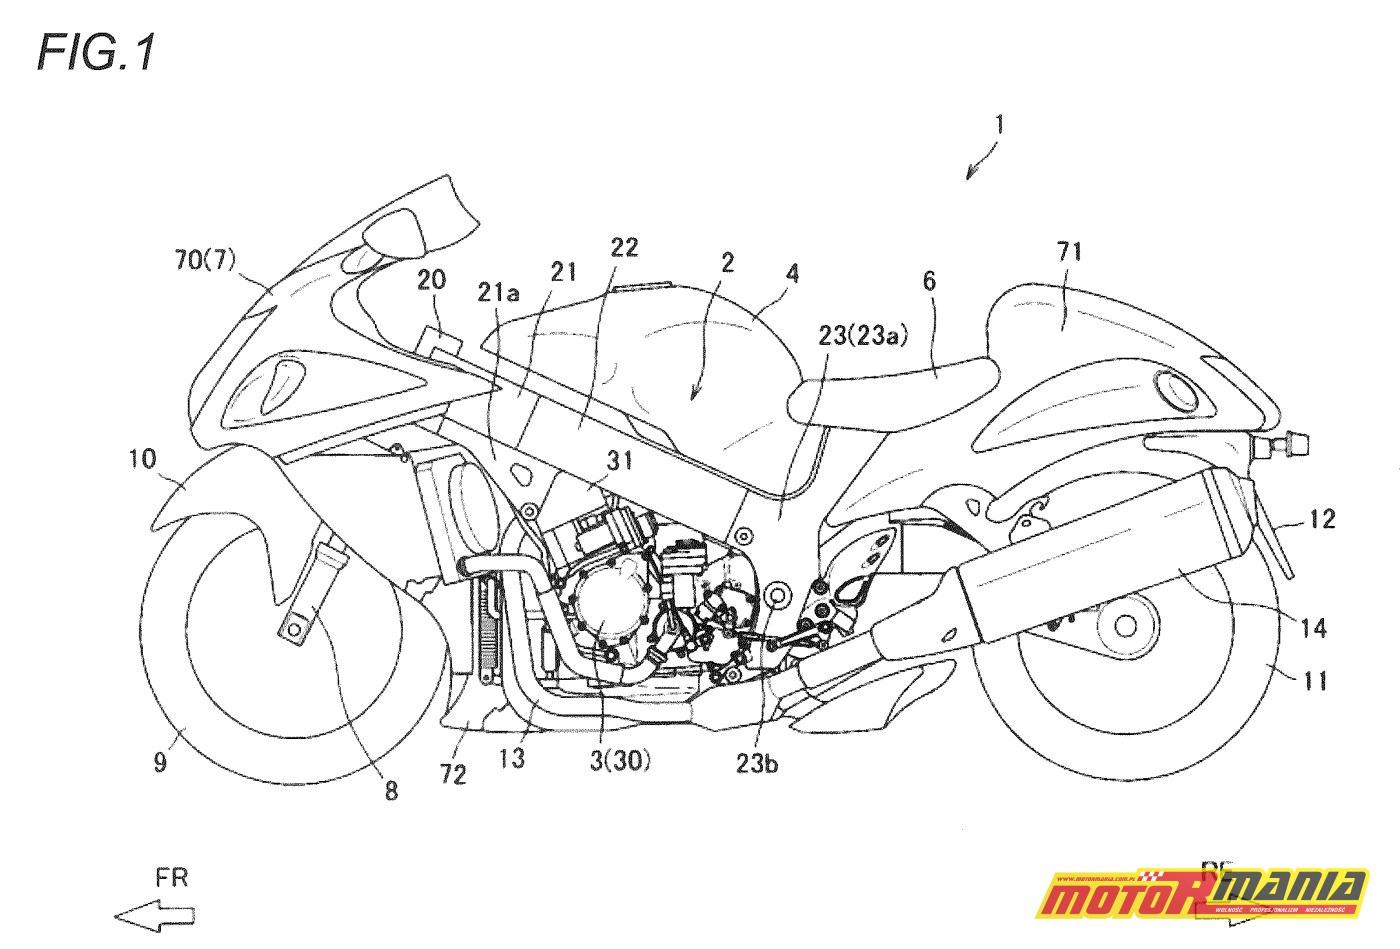 021518-Suzuki-Hayabusa-automatic-transmission-patent-1